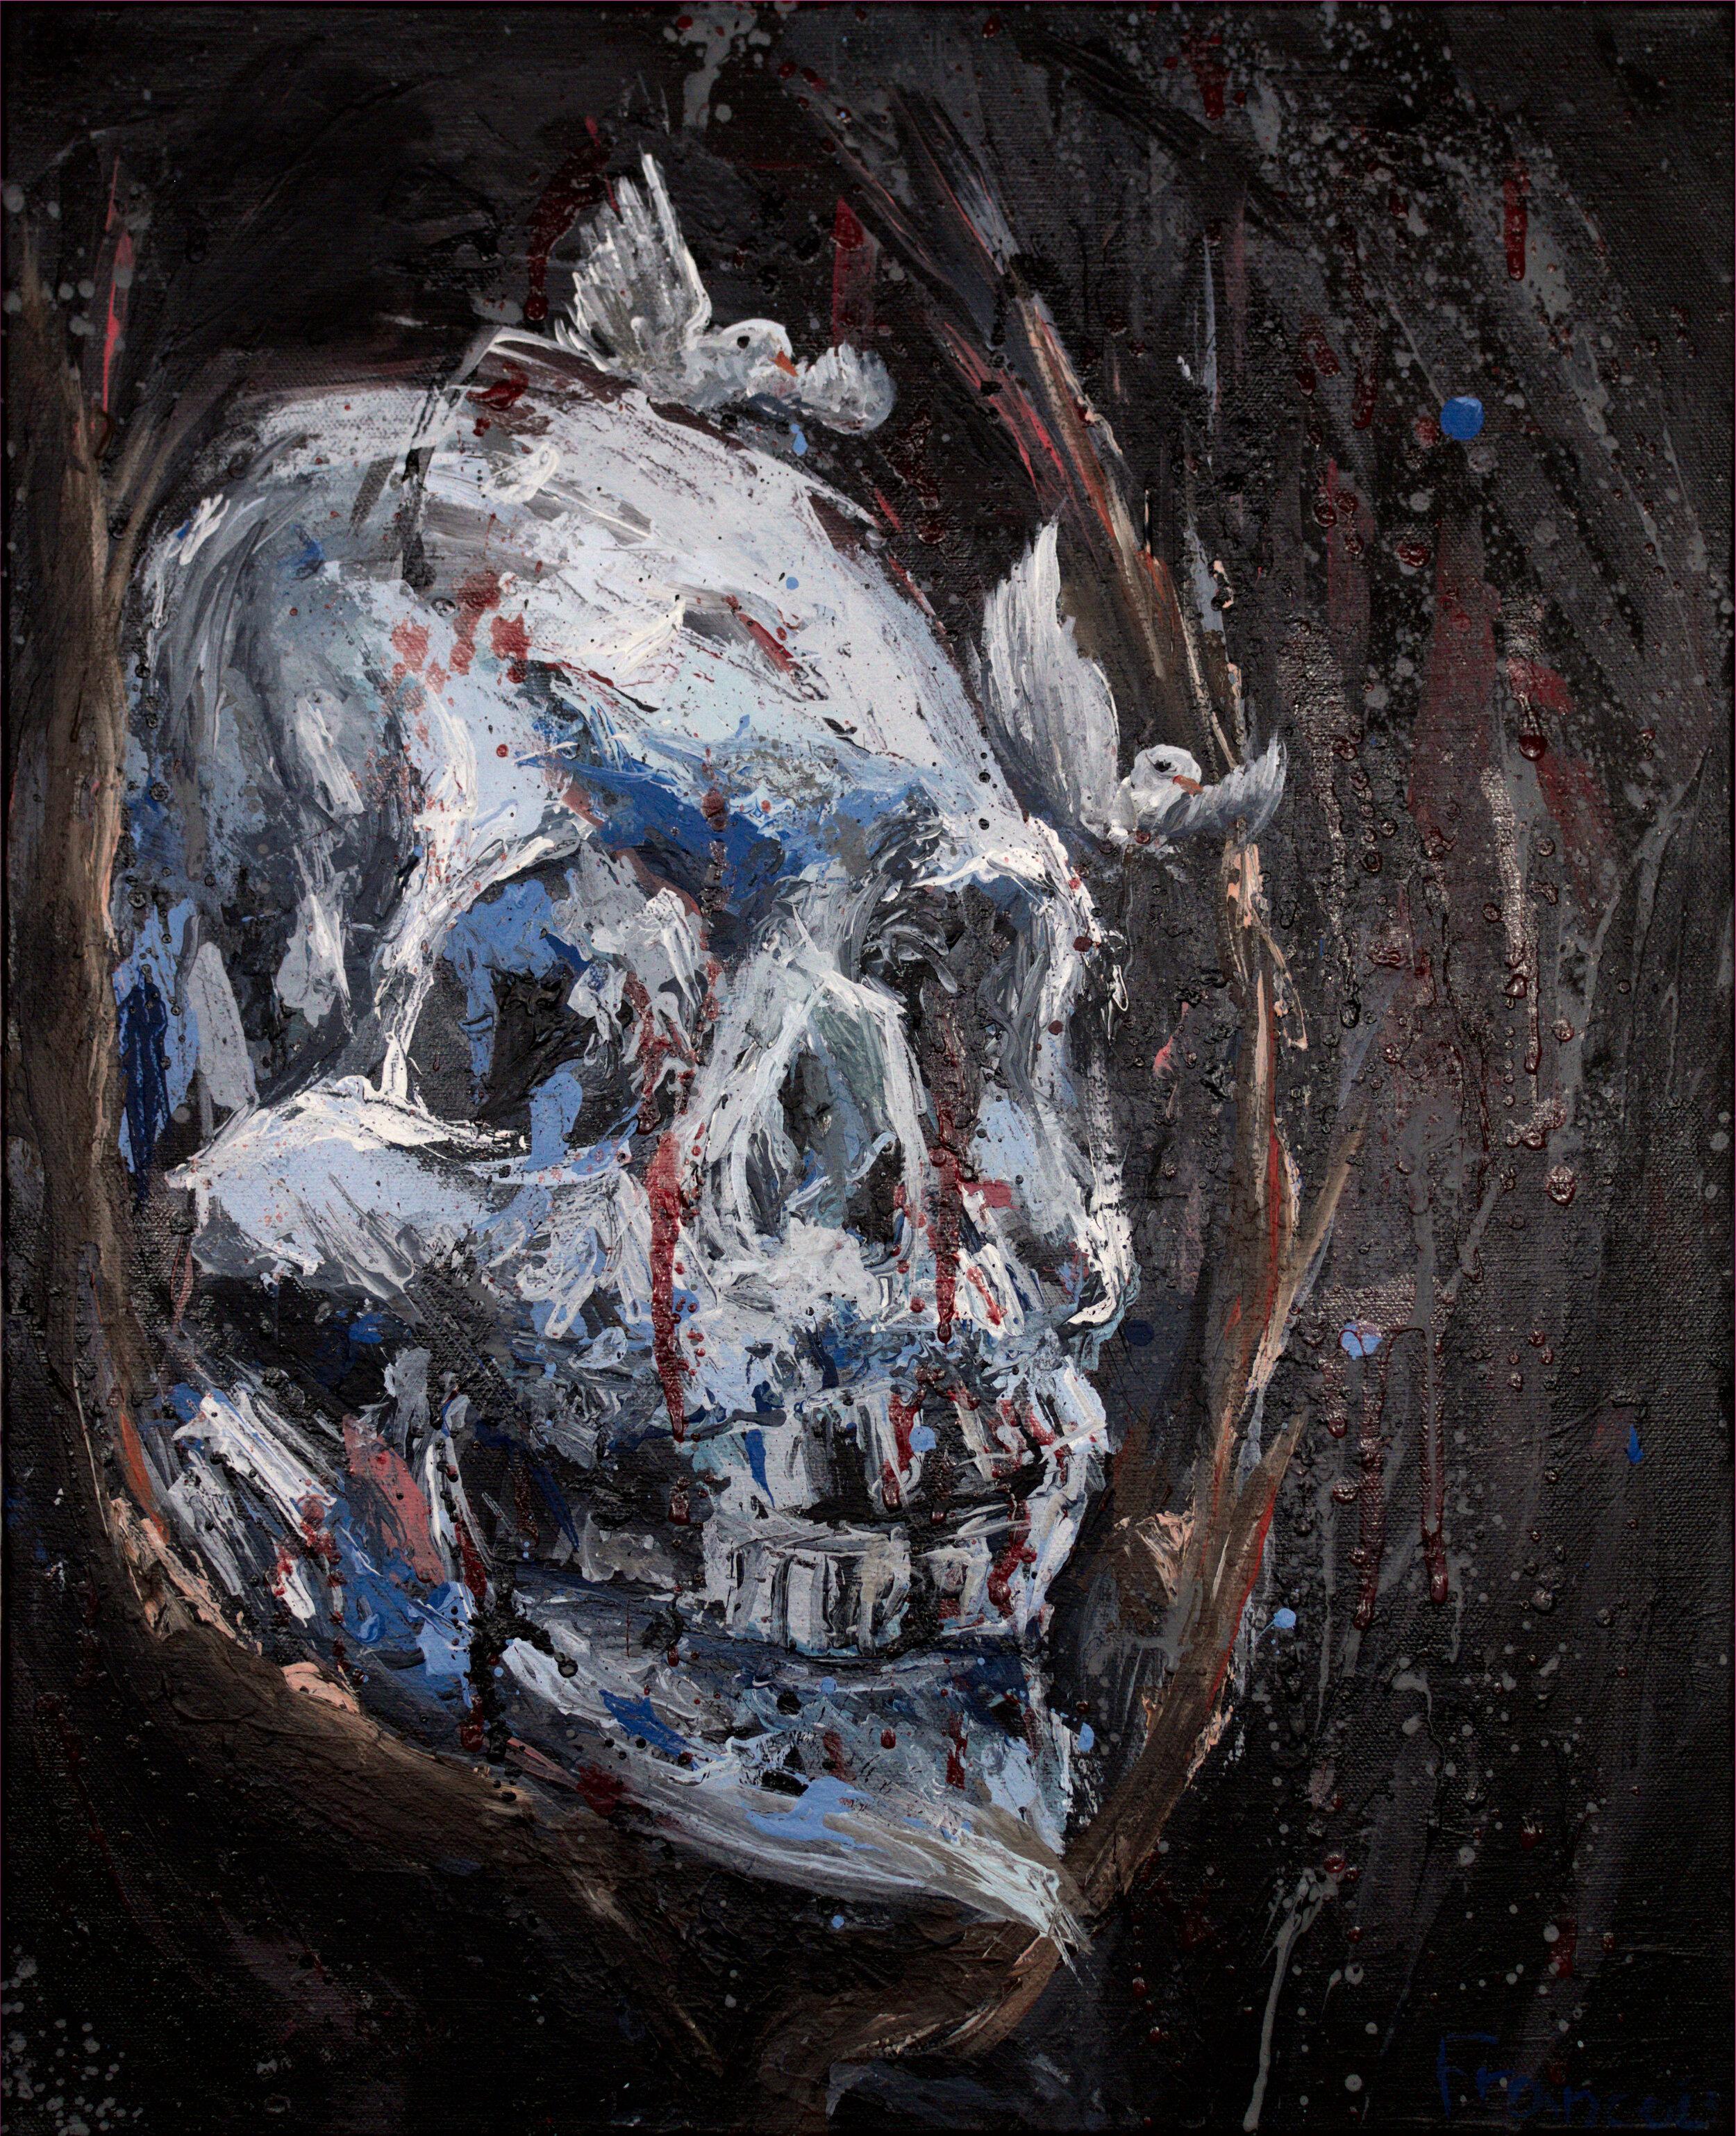 Death & Freedom